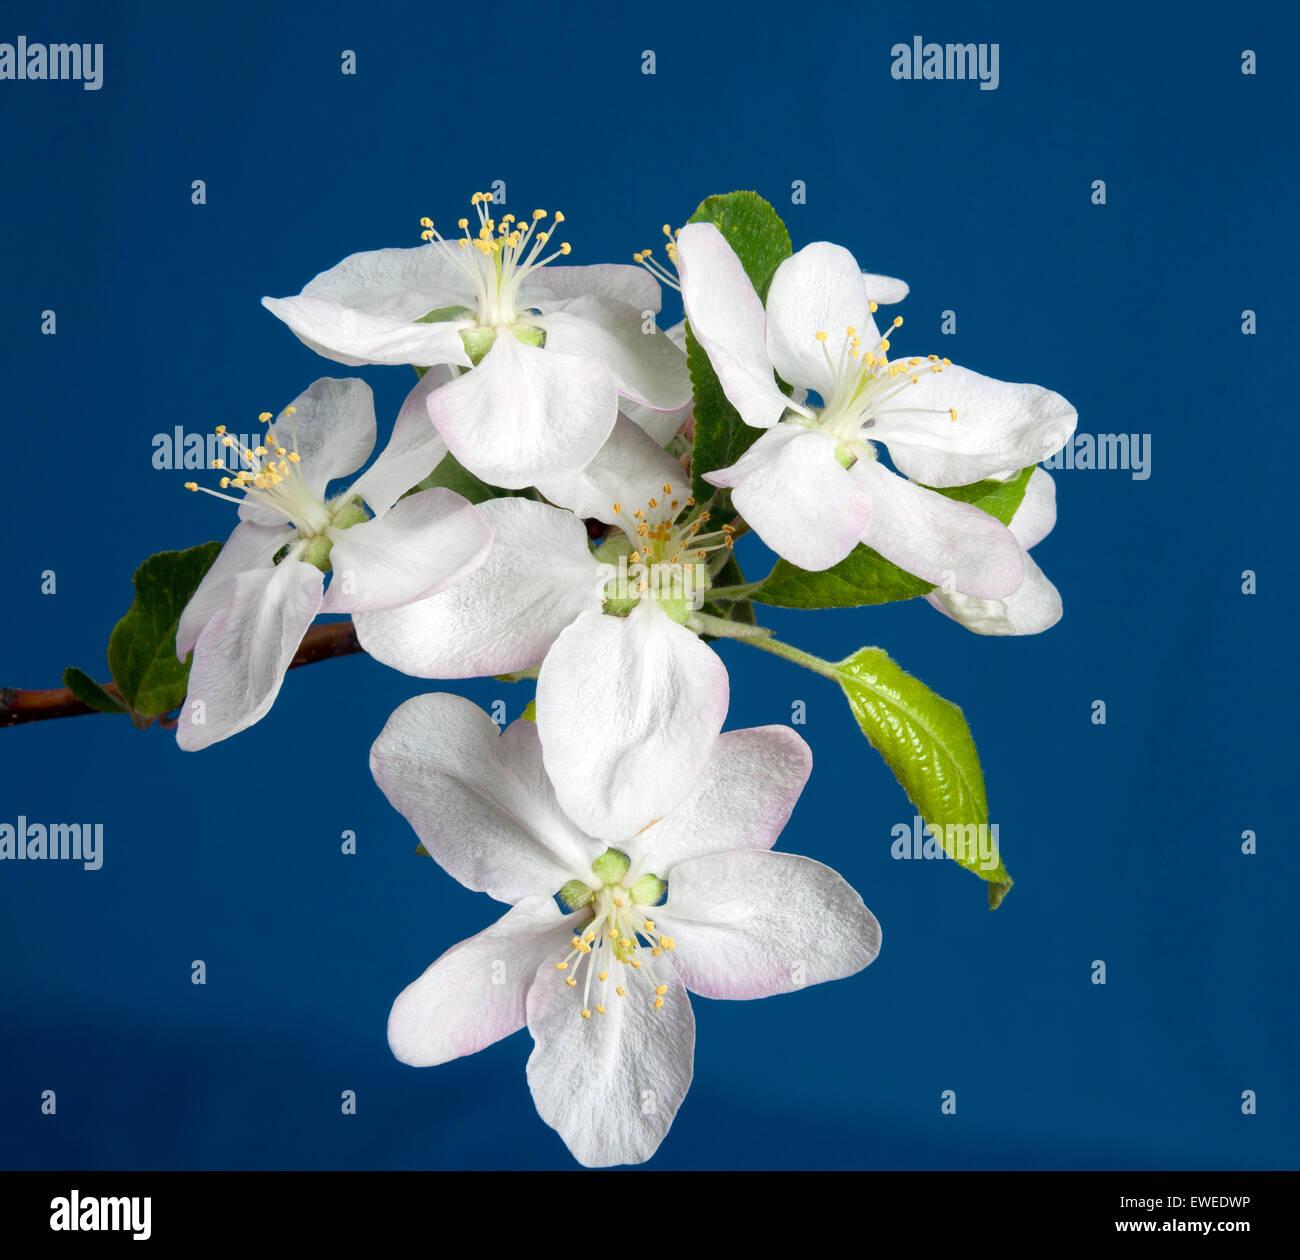 White Plum in Ontario;Canada fruit farm, plum blossom - Stock Image